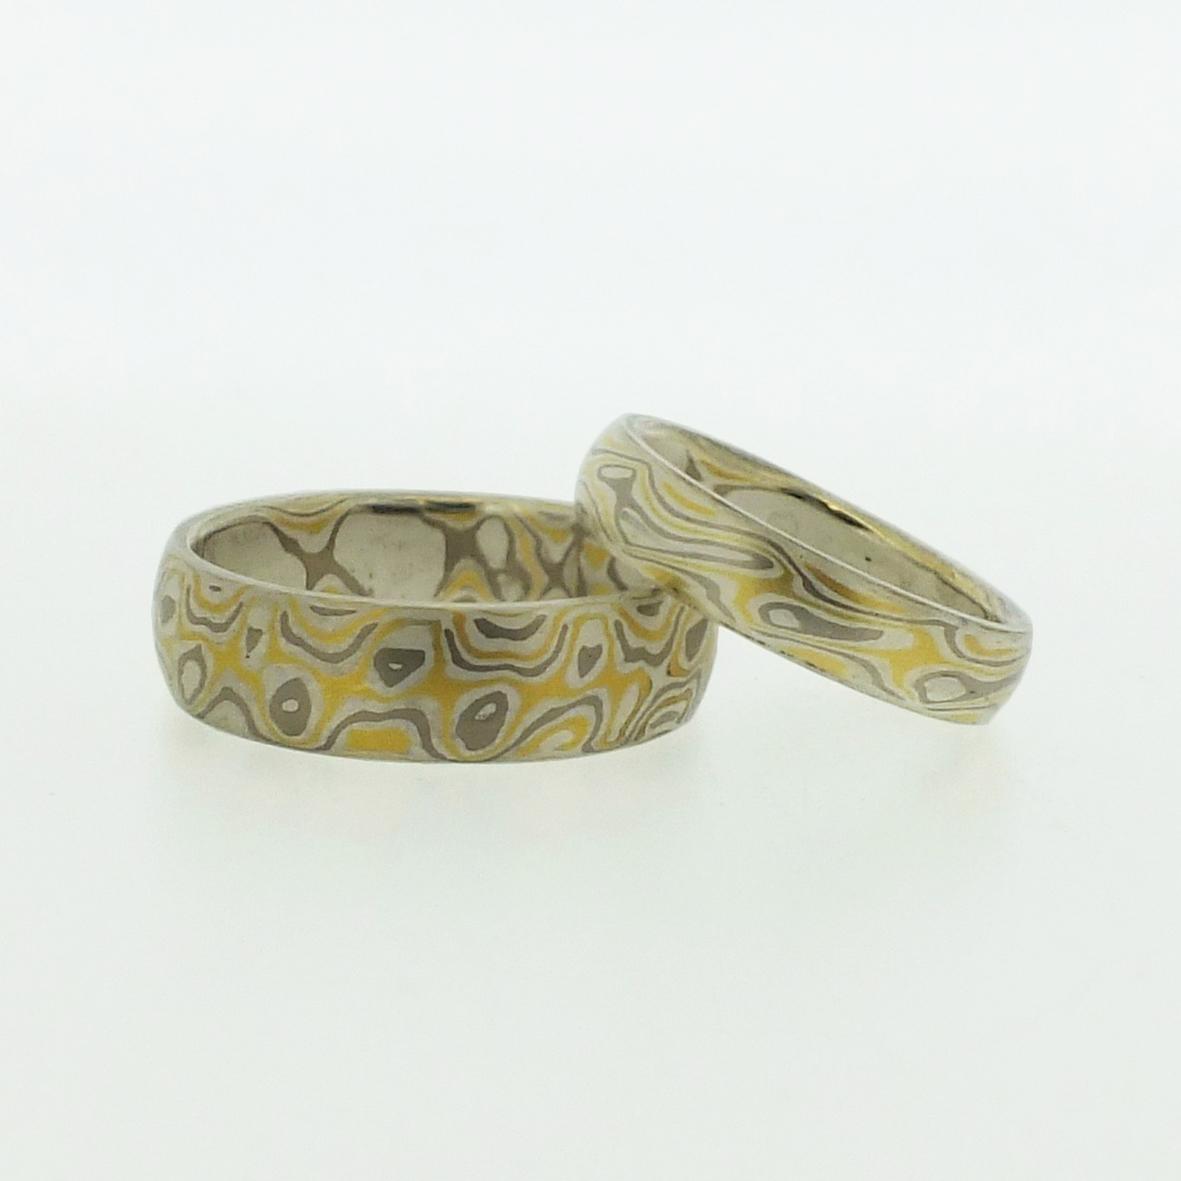 22k gold, 18k White Gold And Silver Mokume Gane Rings